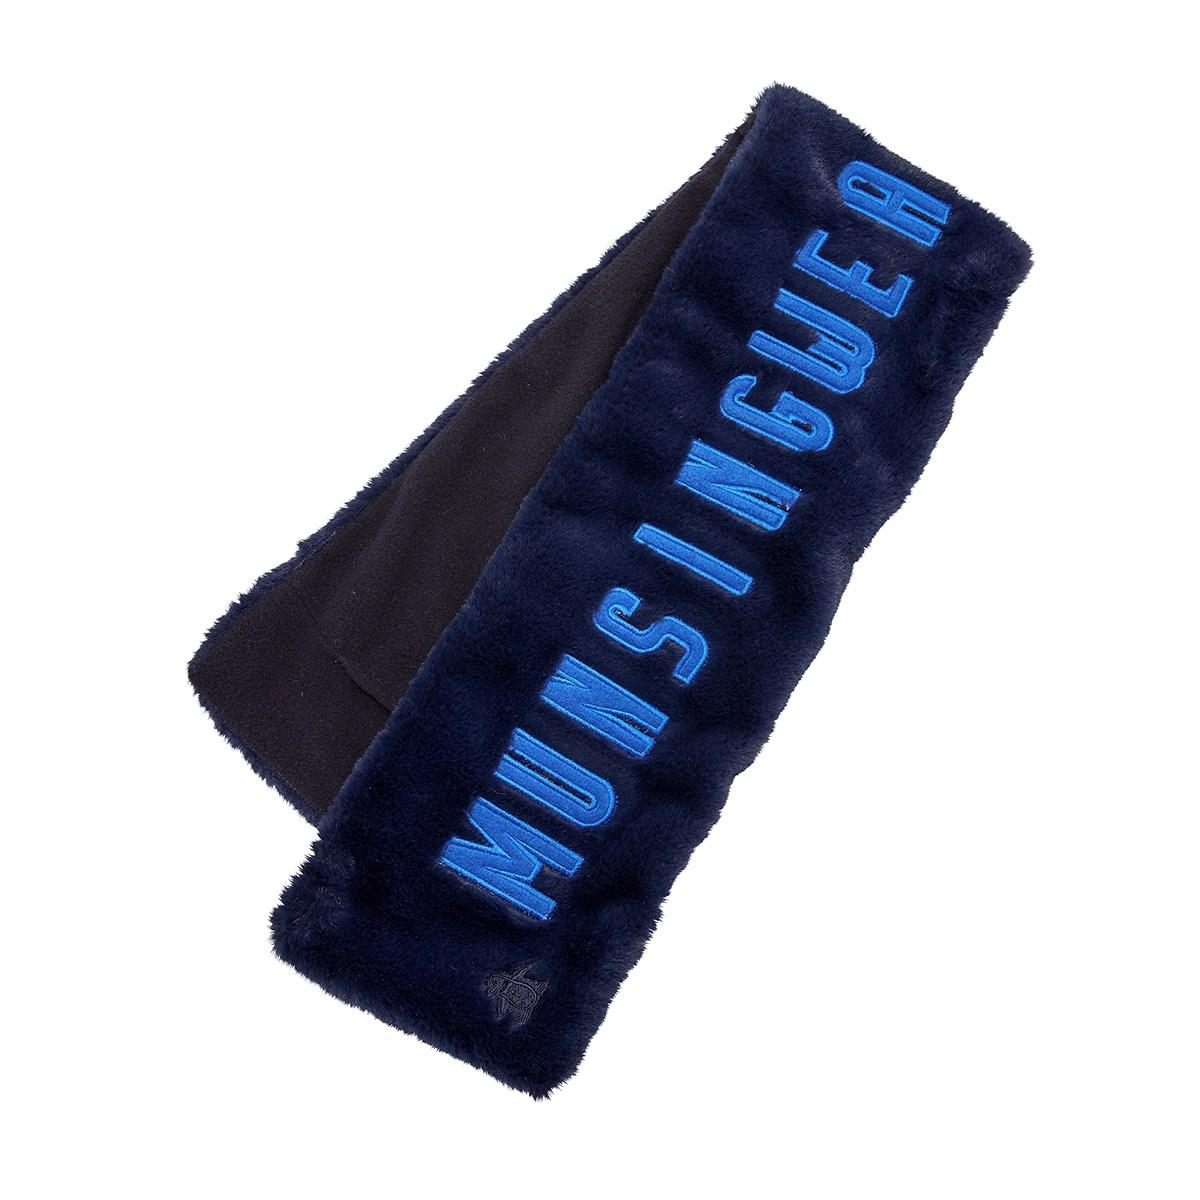 マンシングウェア Munsingwear コンパクトマフラー ネイビー 00 フリー レディス